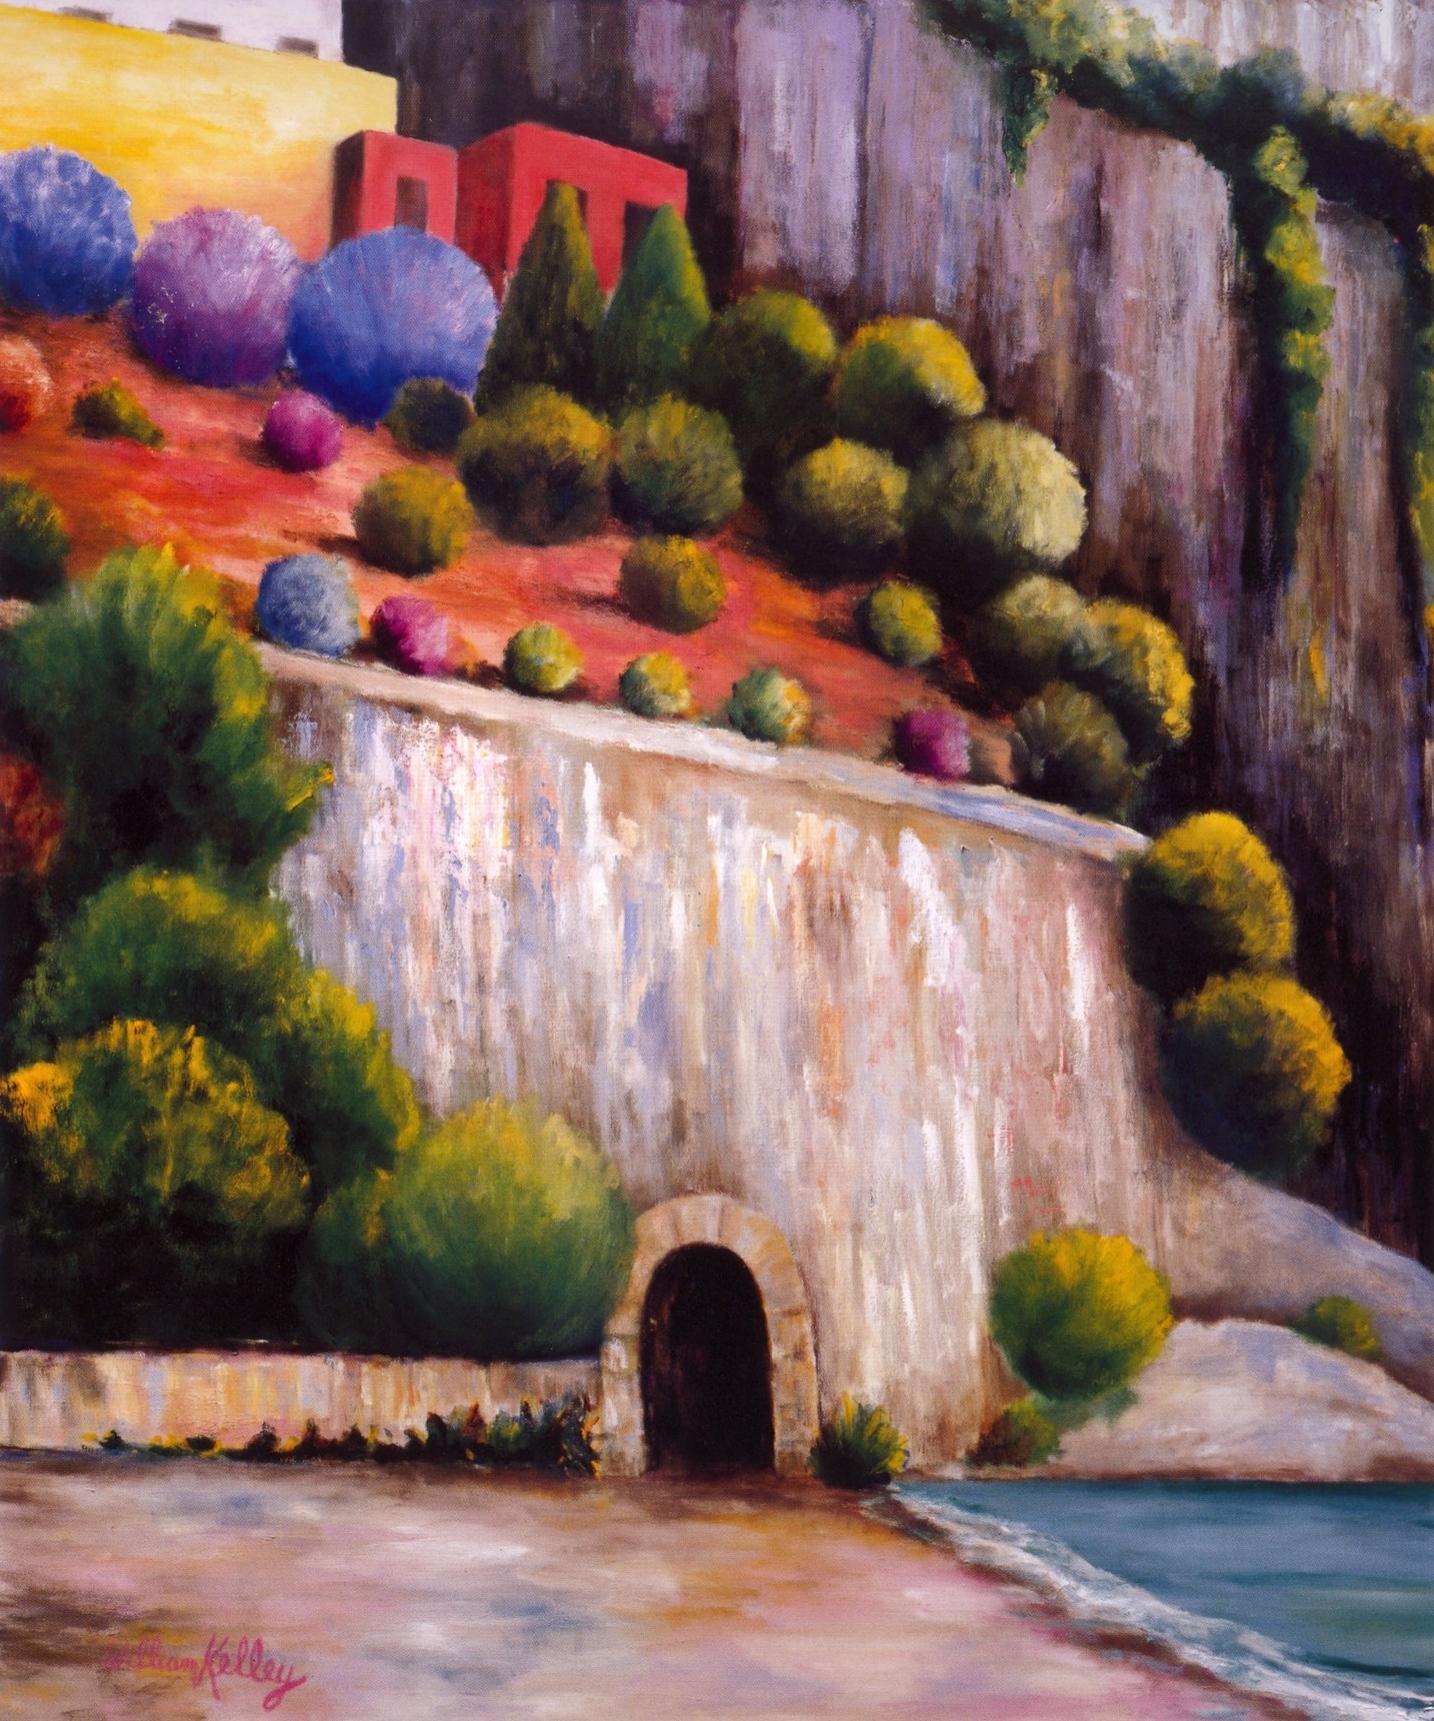 Il Spiaggio, Fornillo Positano   Oil on canvas, 60'' x 72'', 2003